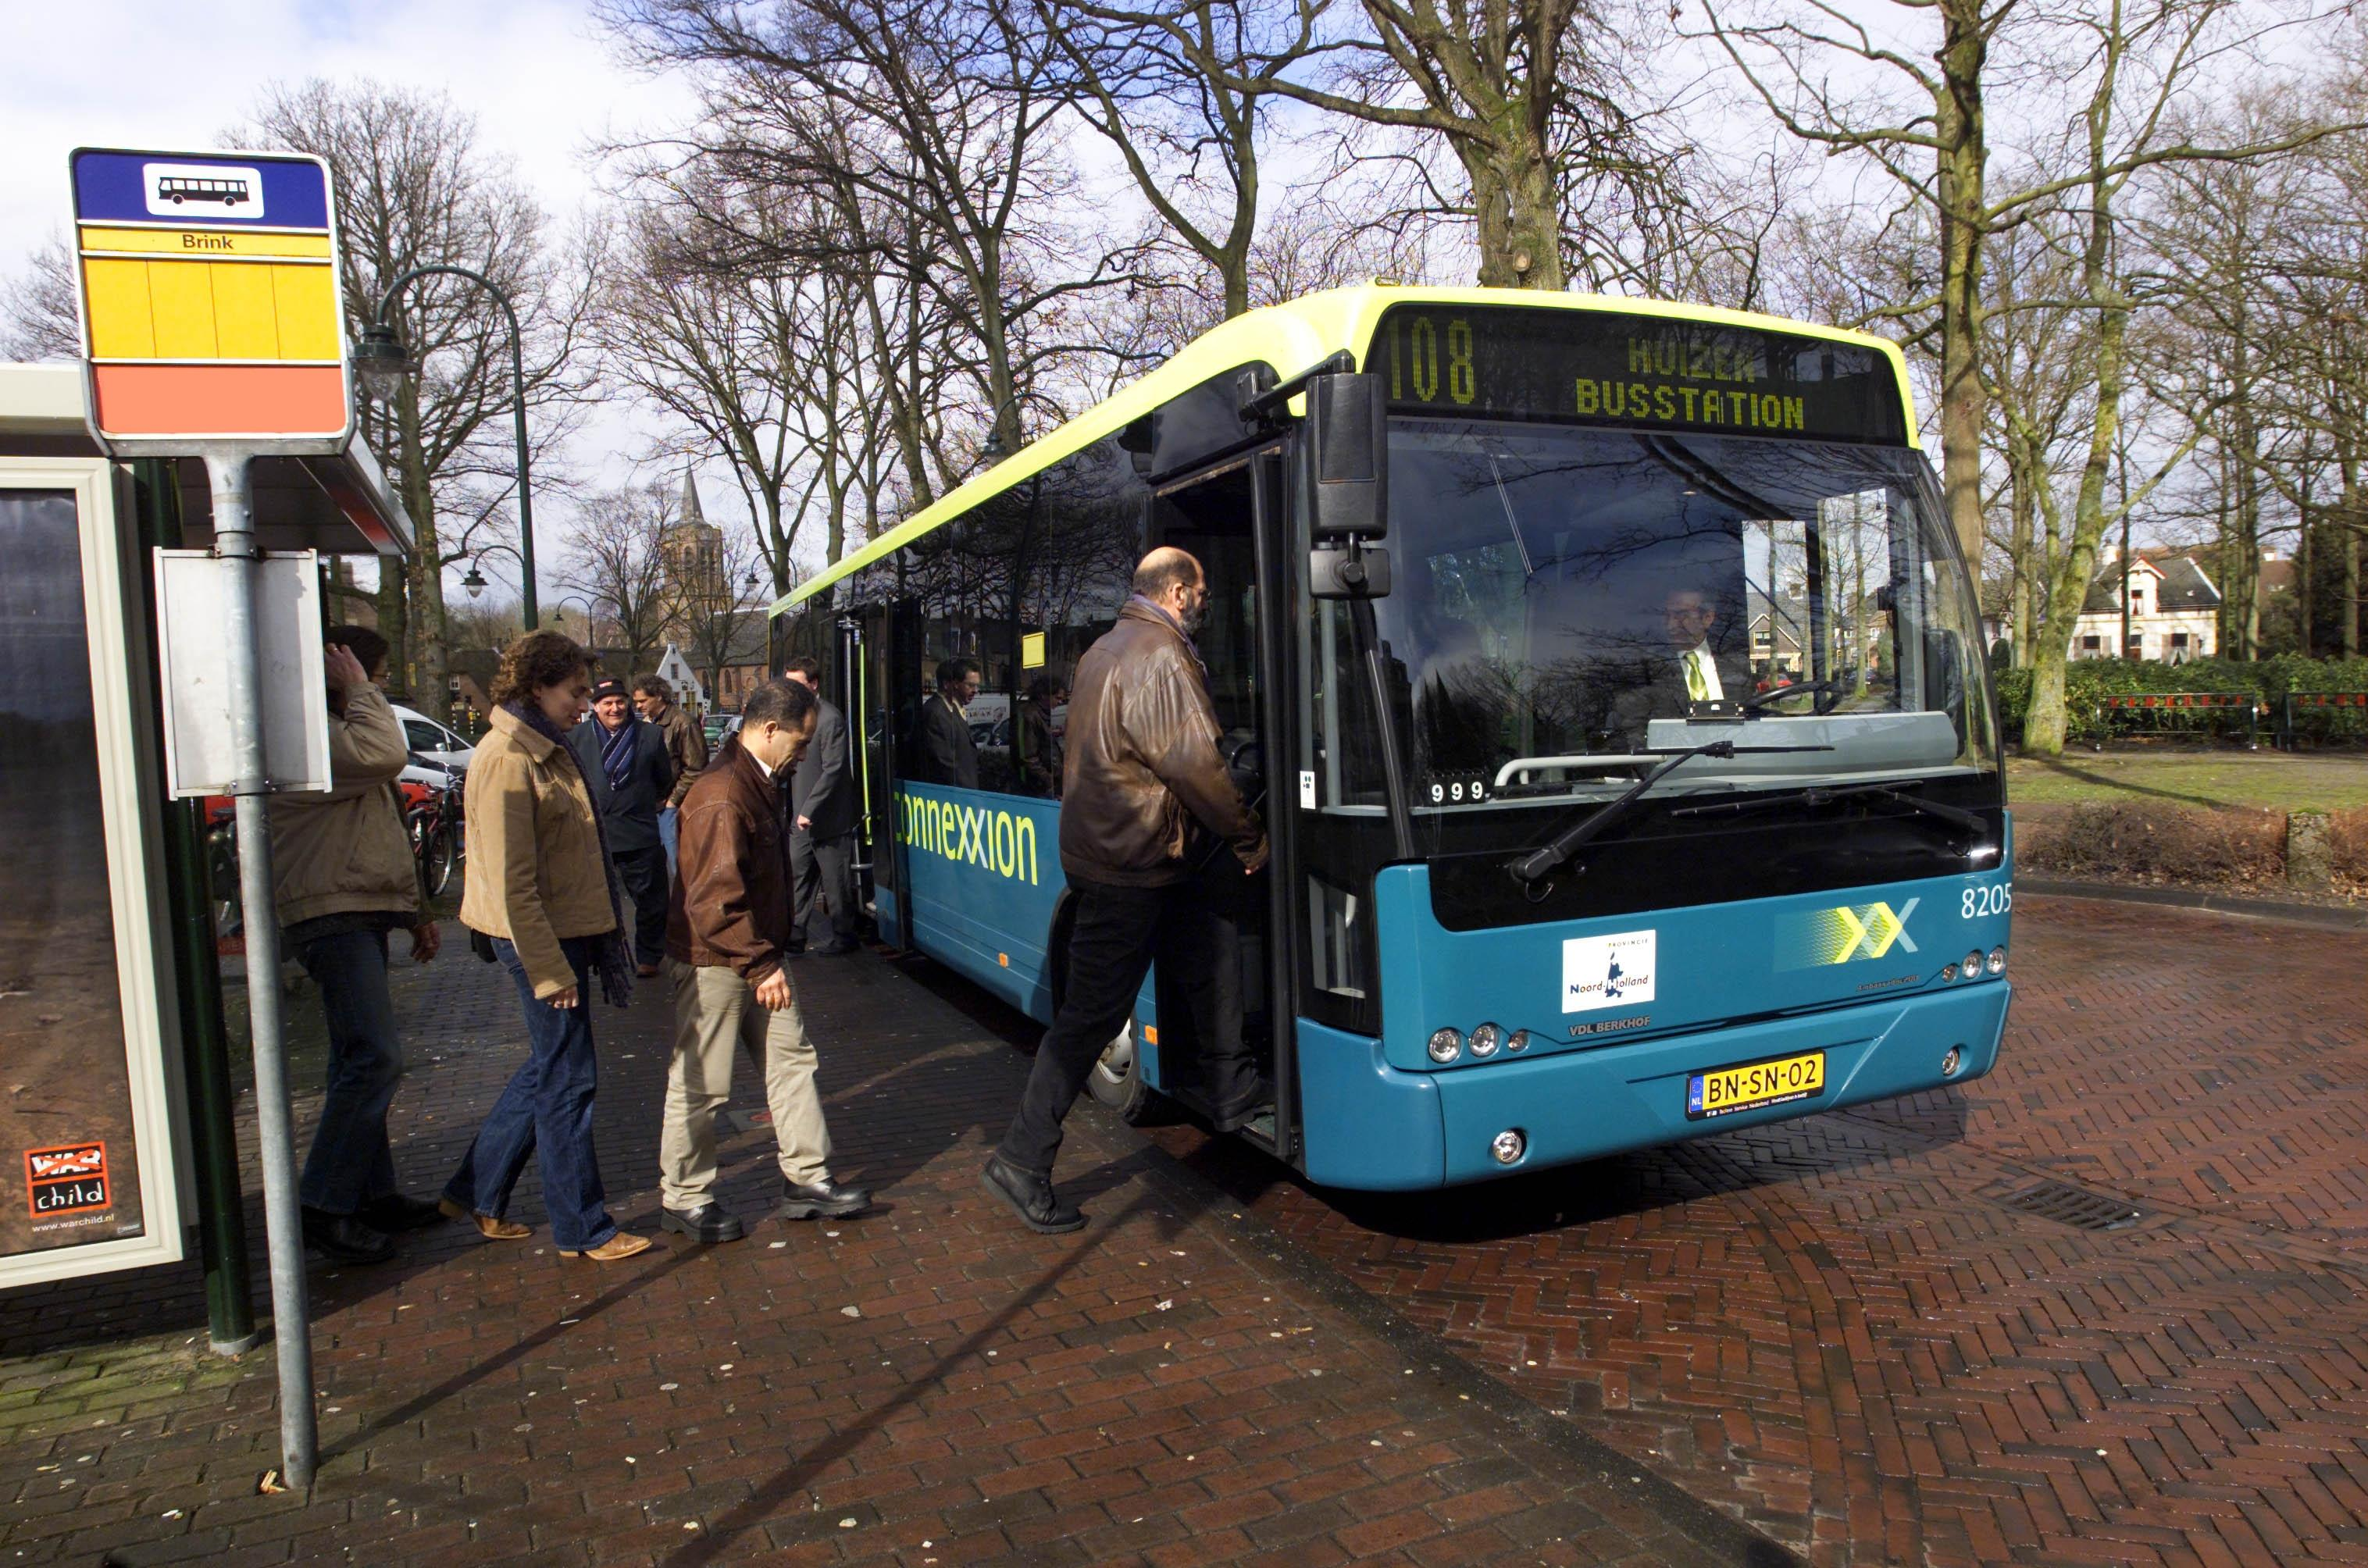 Vervoerregio let op bussen in kleine kernen Haarlemmermeer